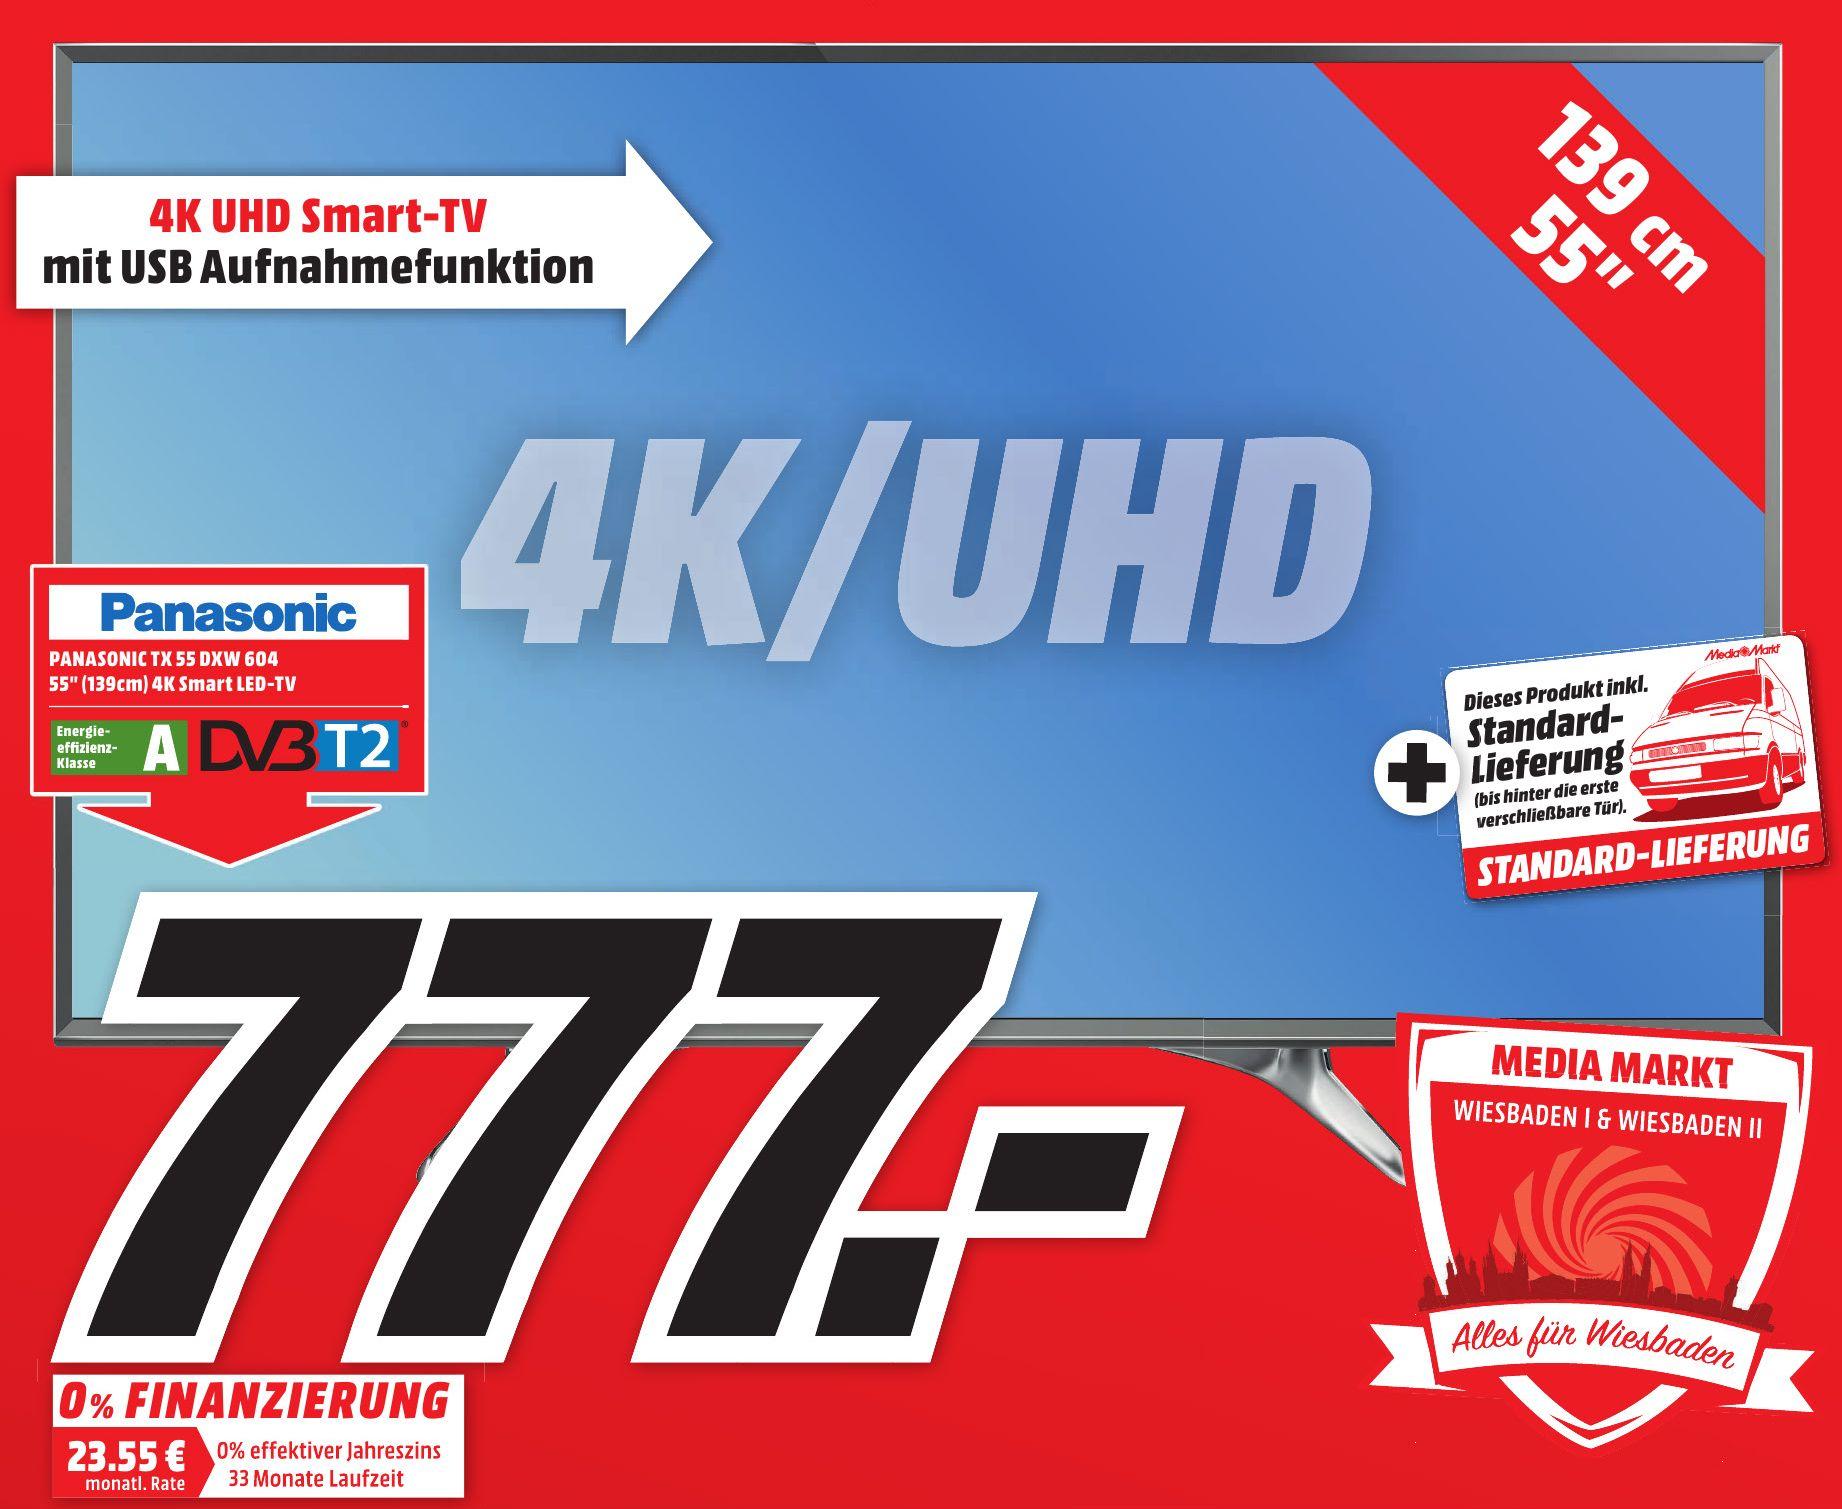 [lokal] Mediamarkt Wiesbaden: UHD TV Panasonic TX-55DXW604 inkl. Lieferung für 777,-